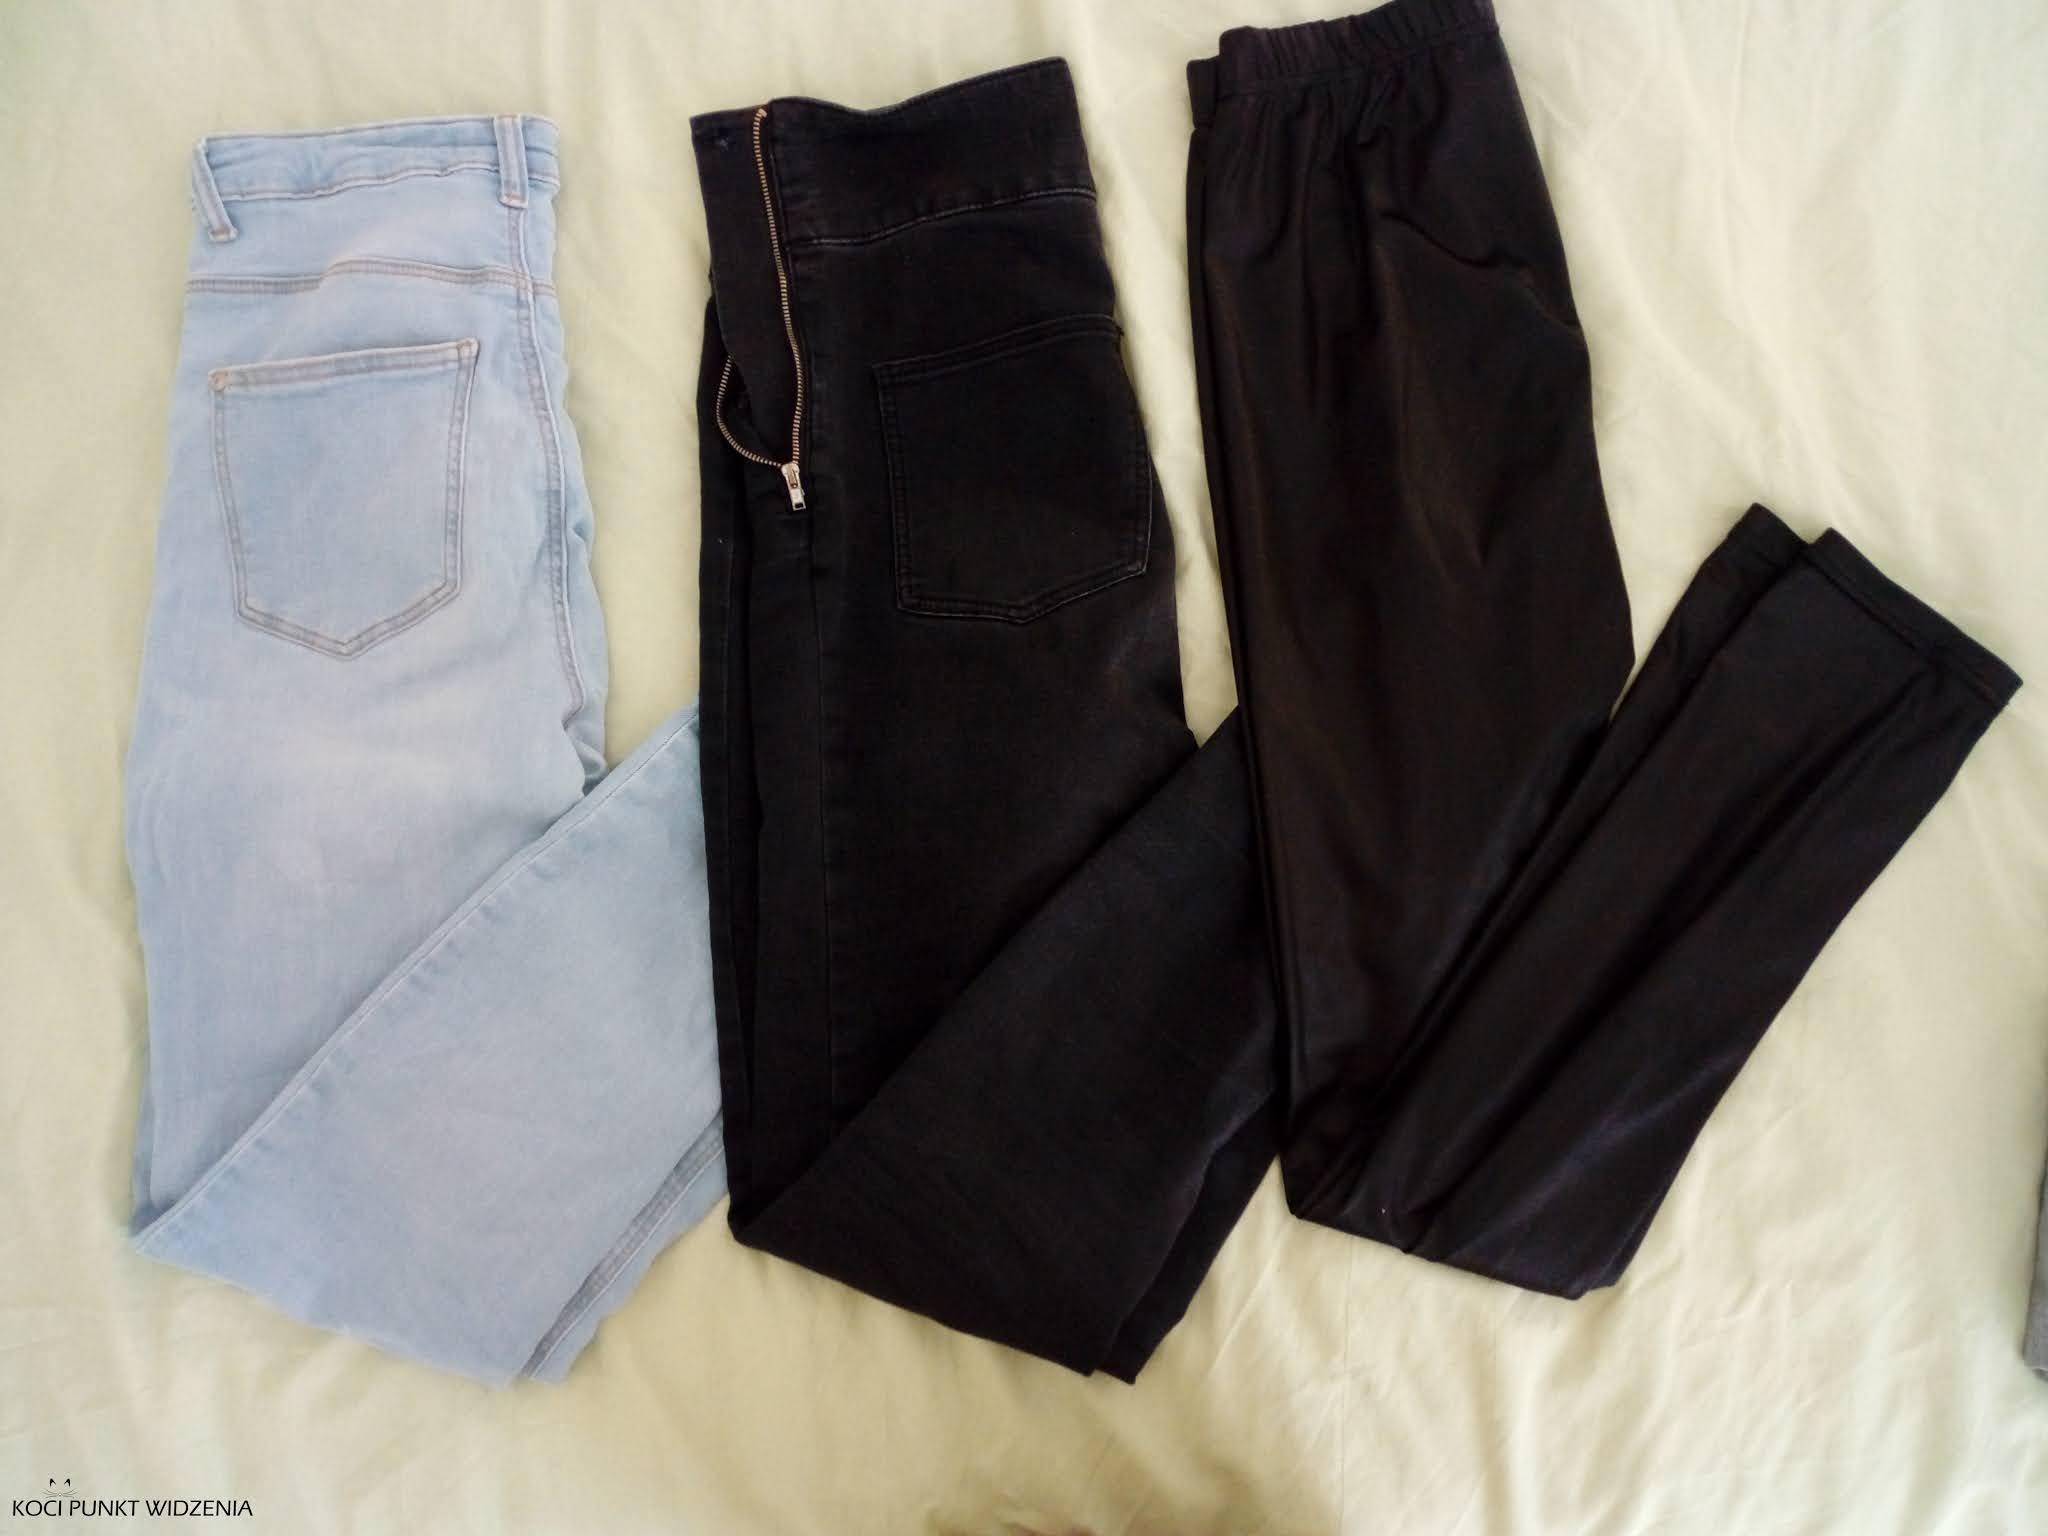 Minimalistyczna garderoba - spodnie